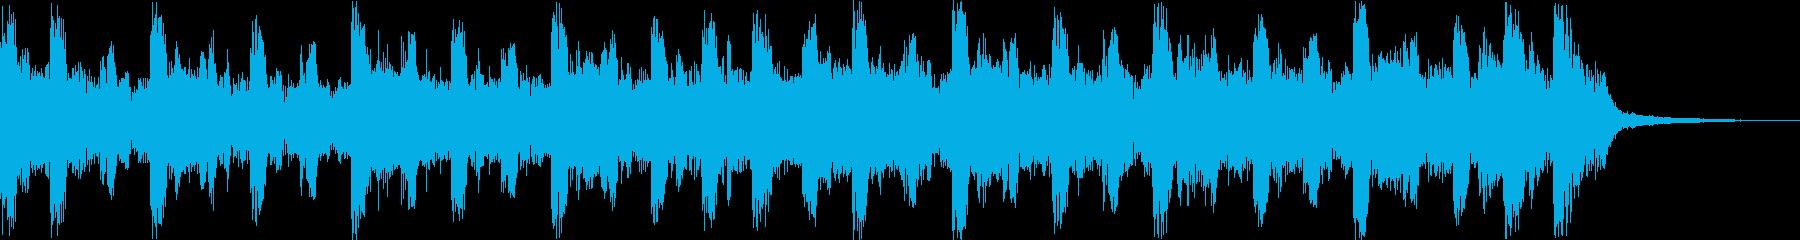 軽快で爽やかなオープニングコーポレートcの再生済みの波形